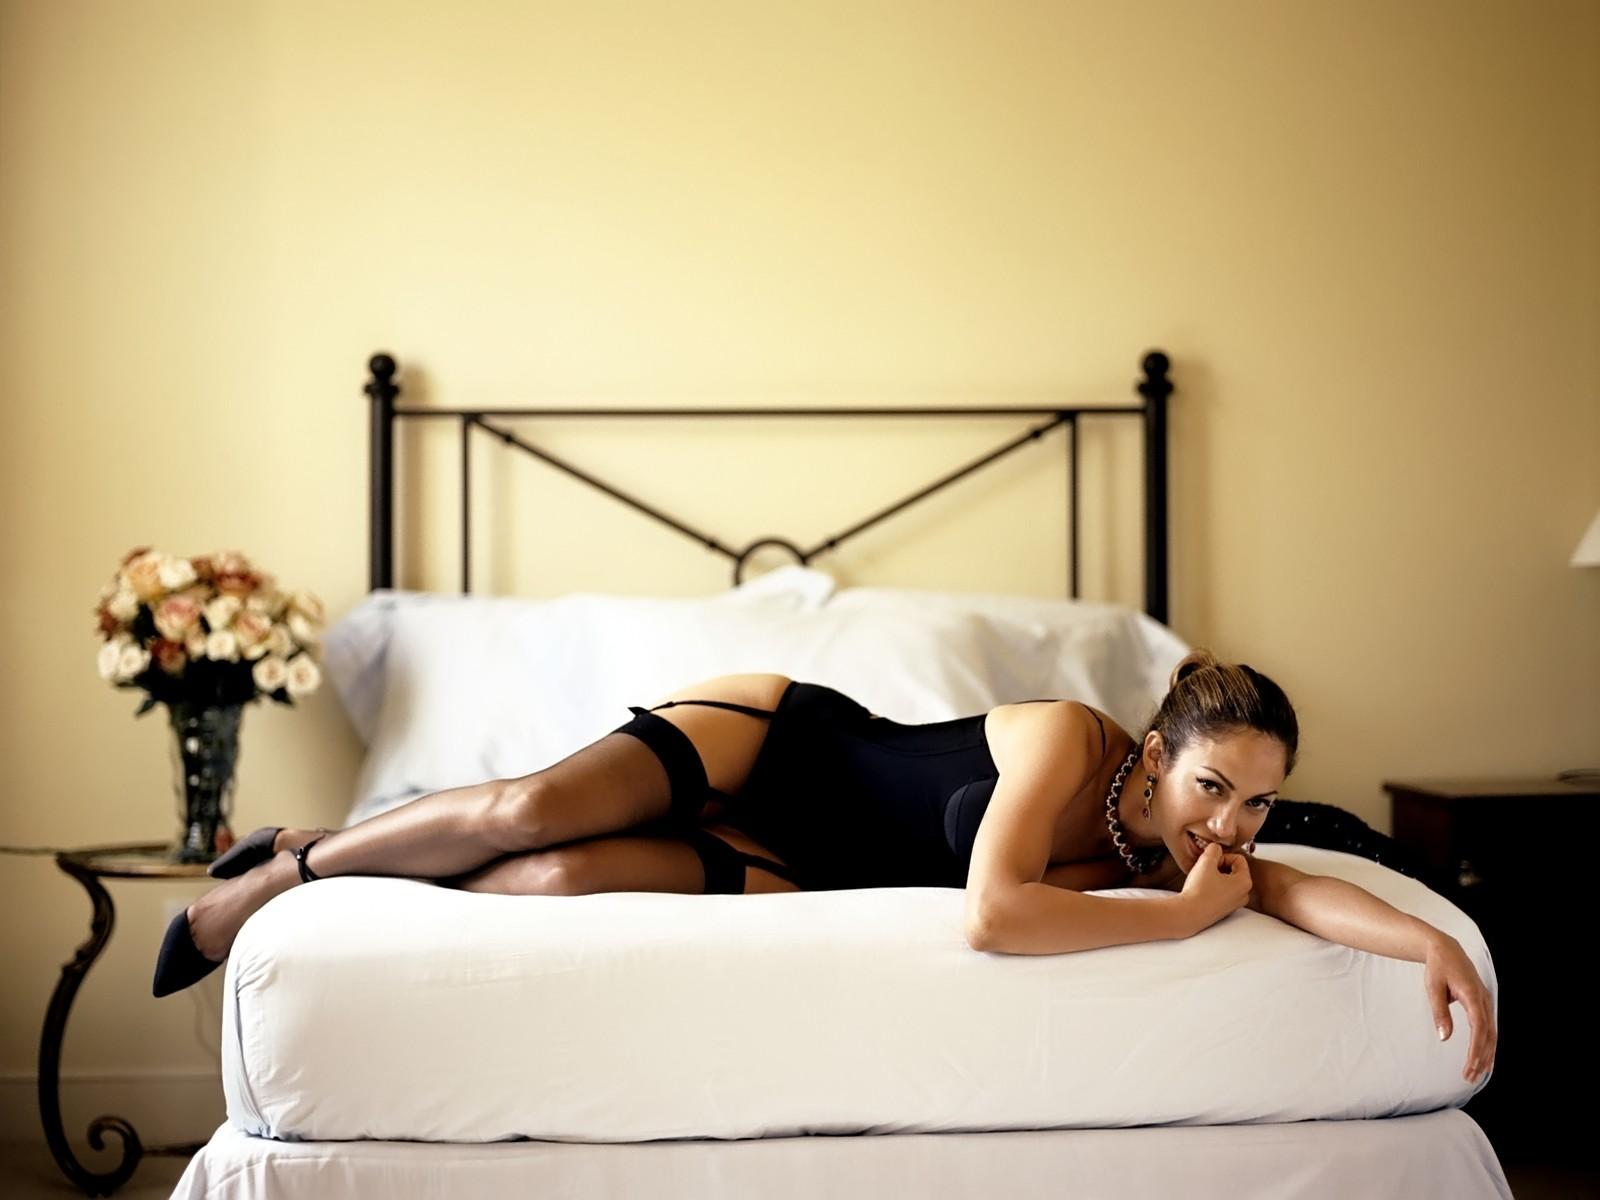 Красоток жарят большими членами на кровати или диване  348515